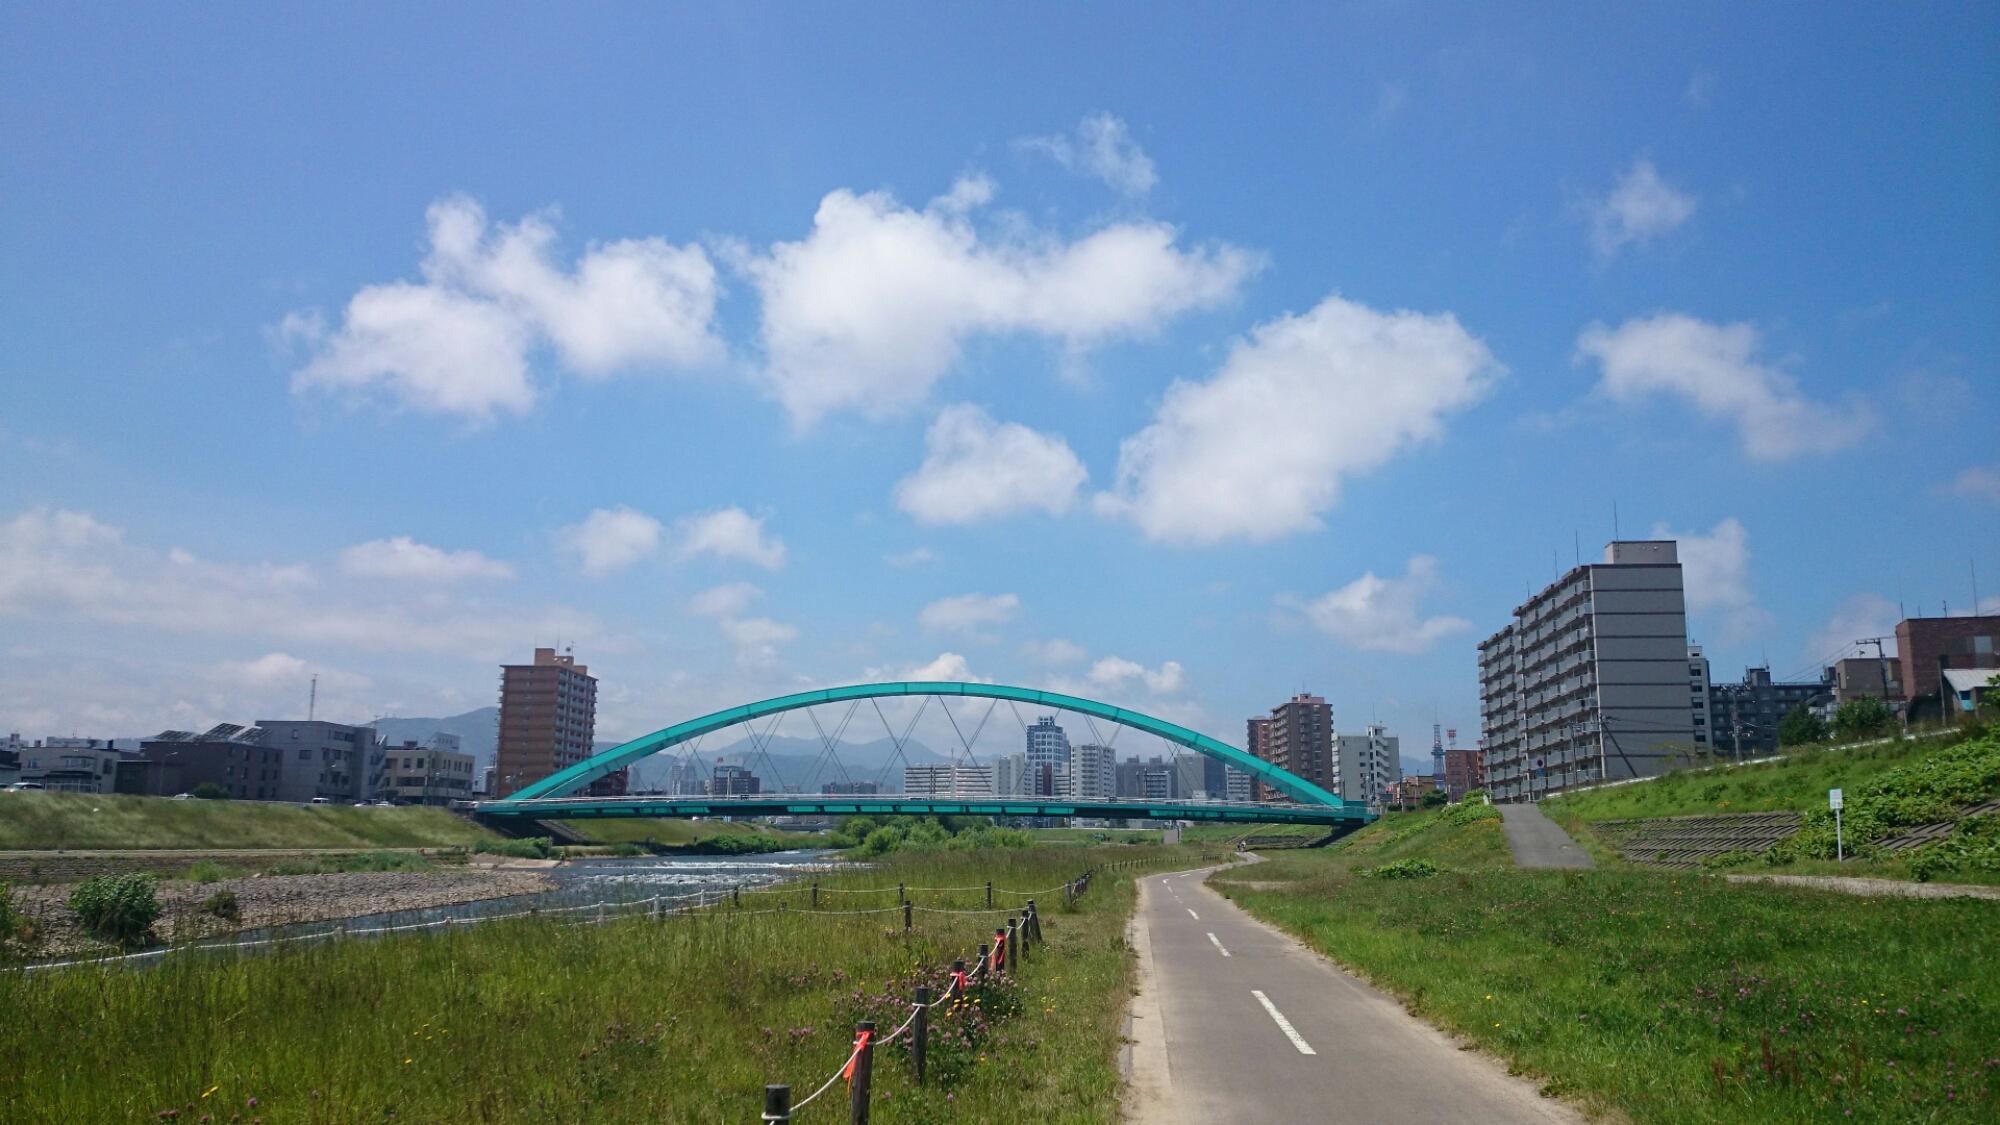 豊平川にかかる水穂大橋。豊平川サイクリングロードにて。クロスバイクCYLVA F24でサイクリング。